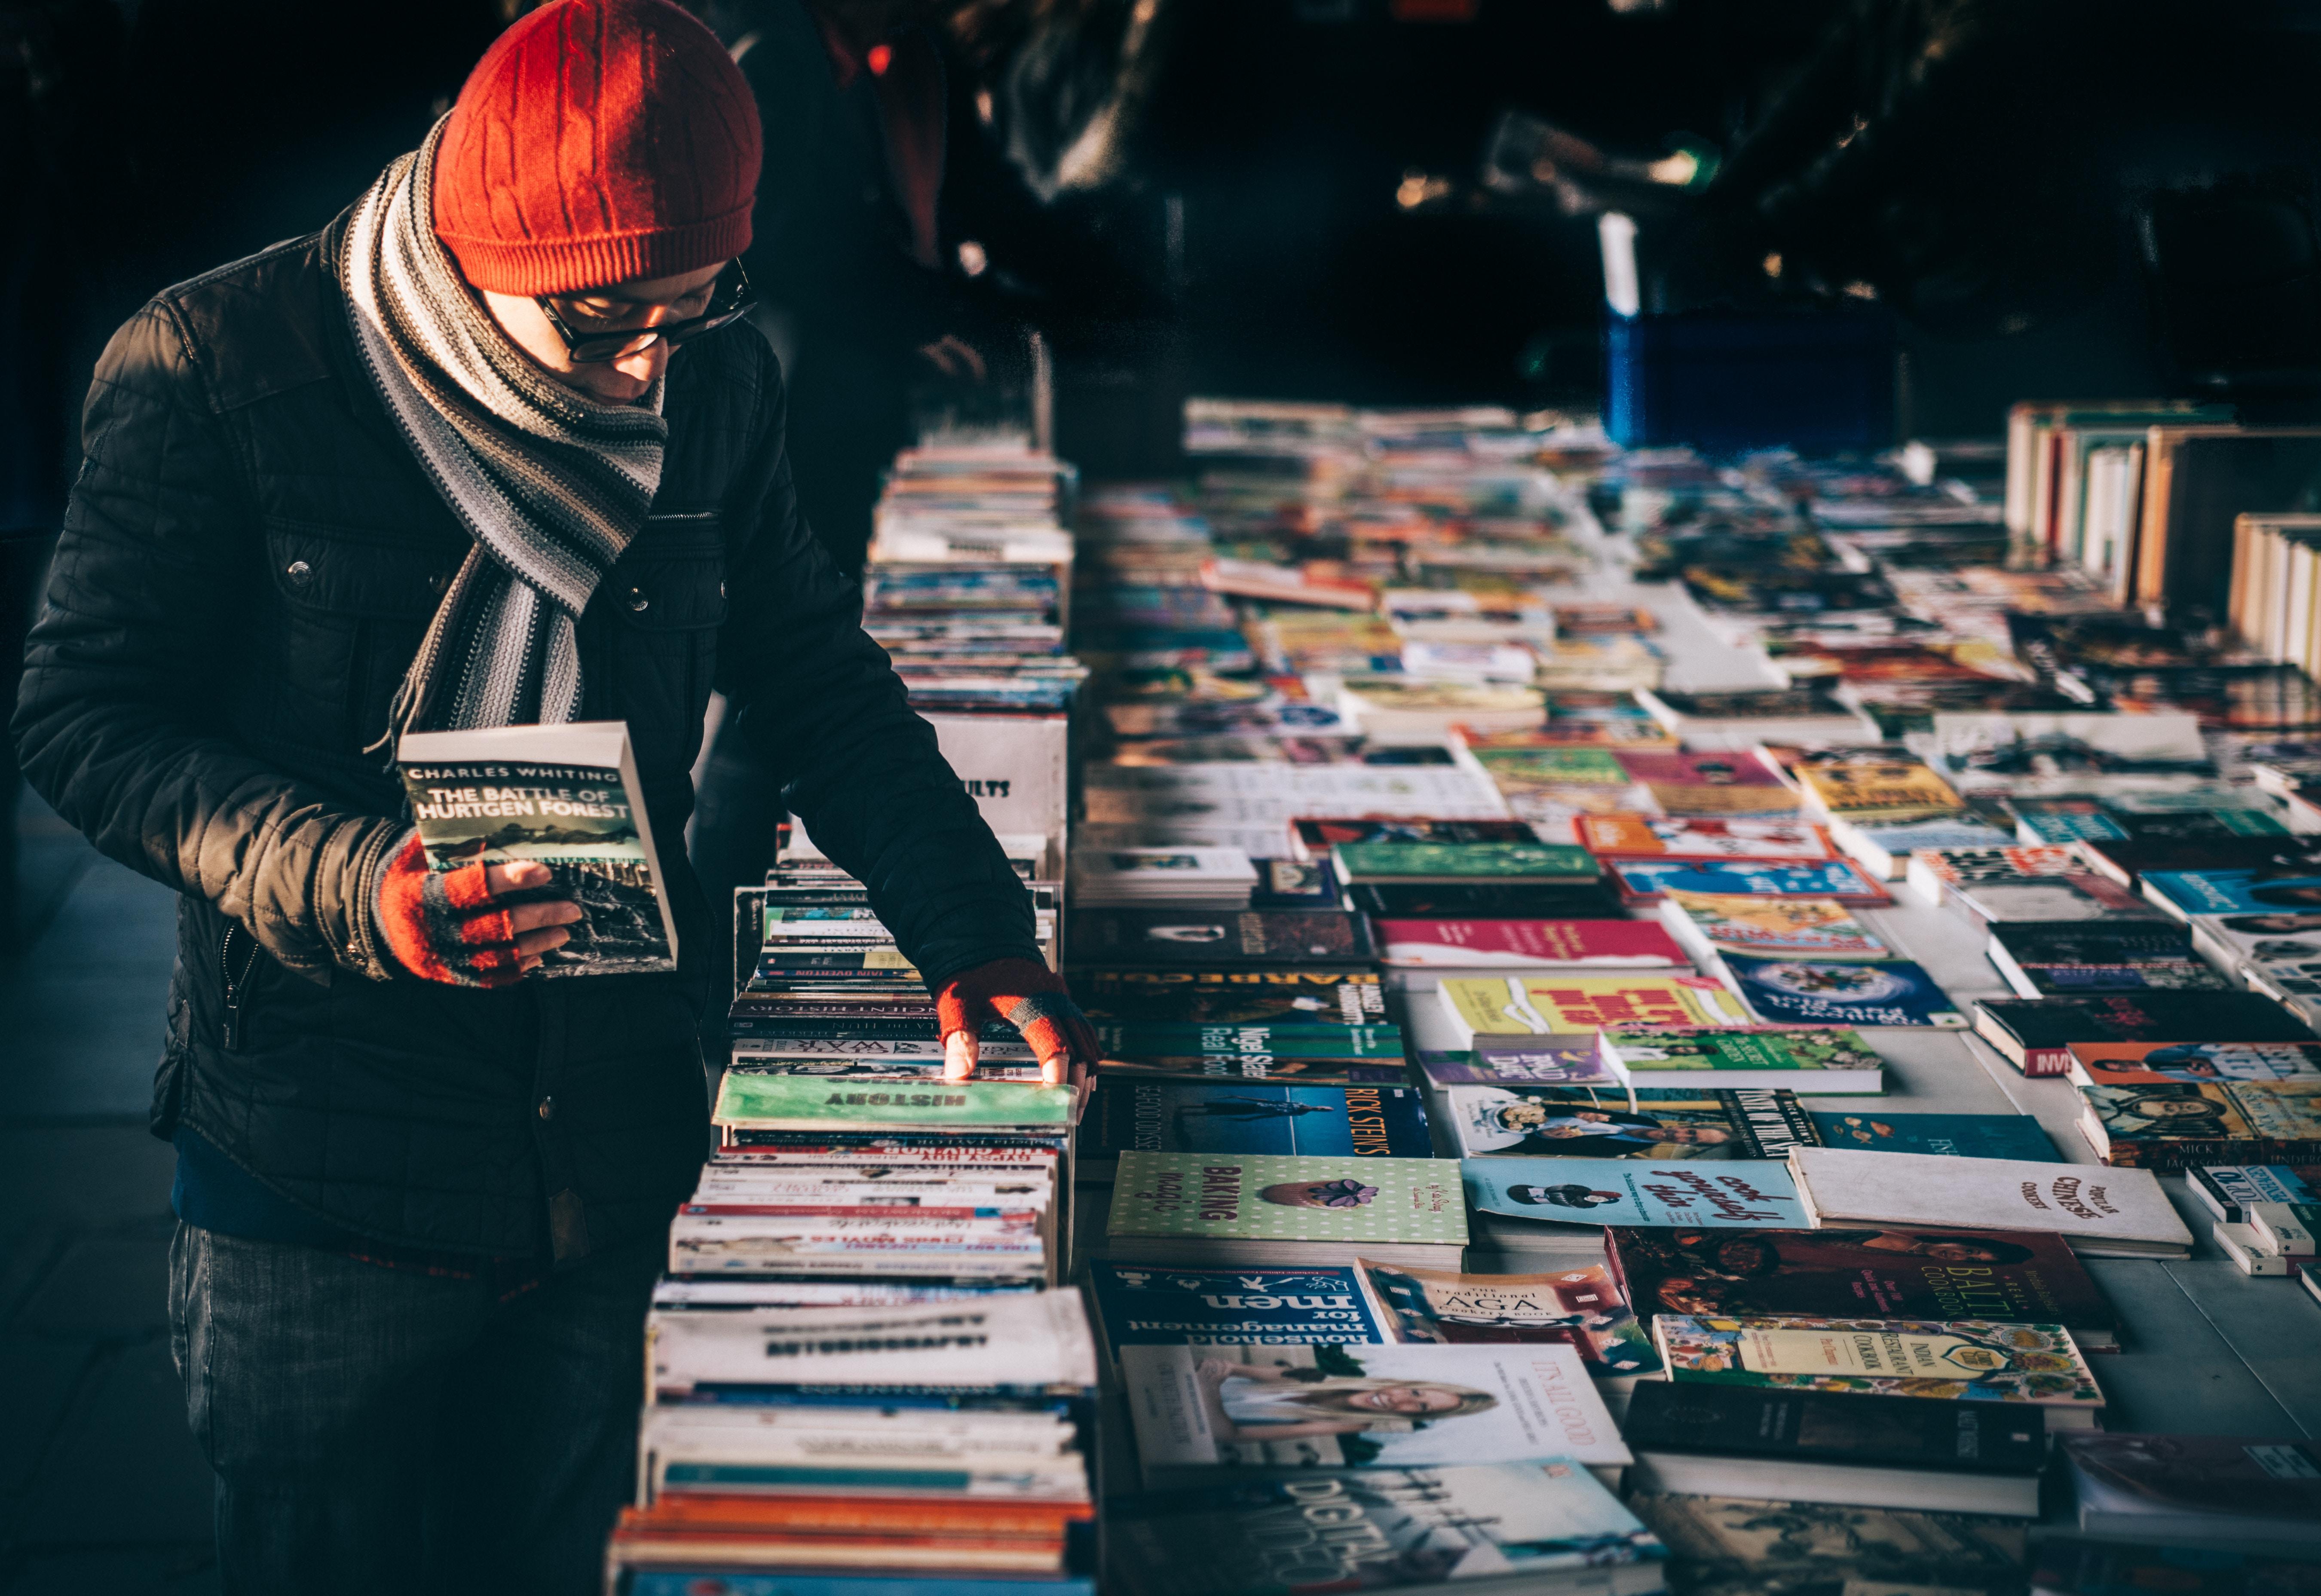 Mann schaut sich Bücher auf Flohmarkt an